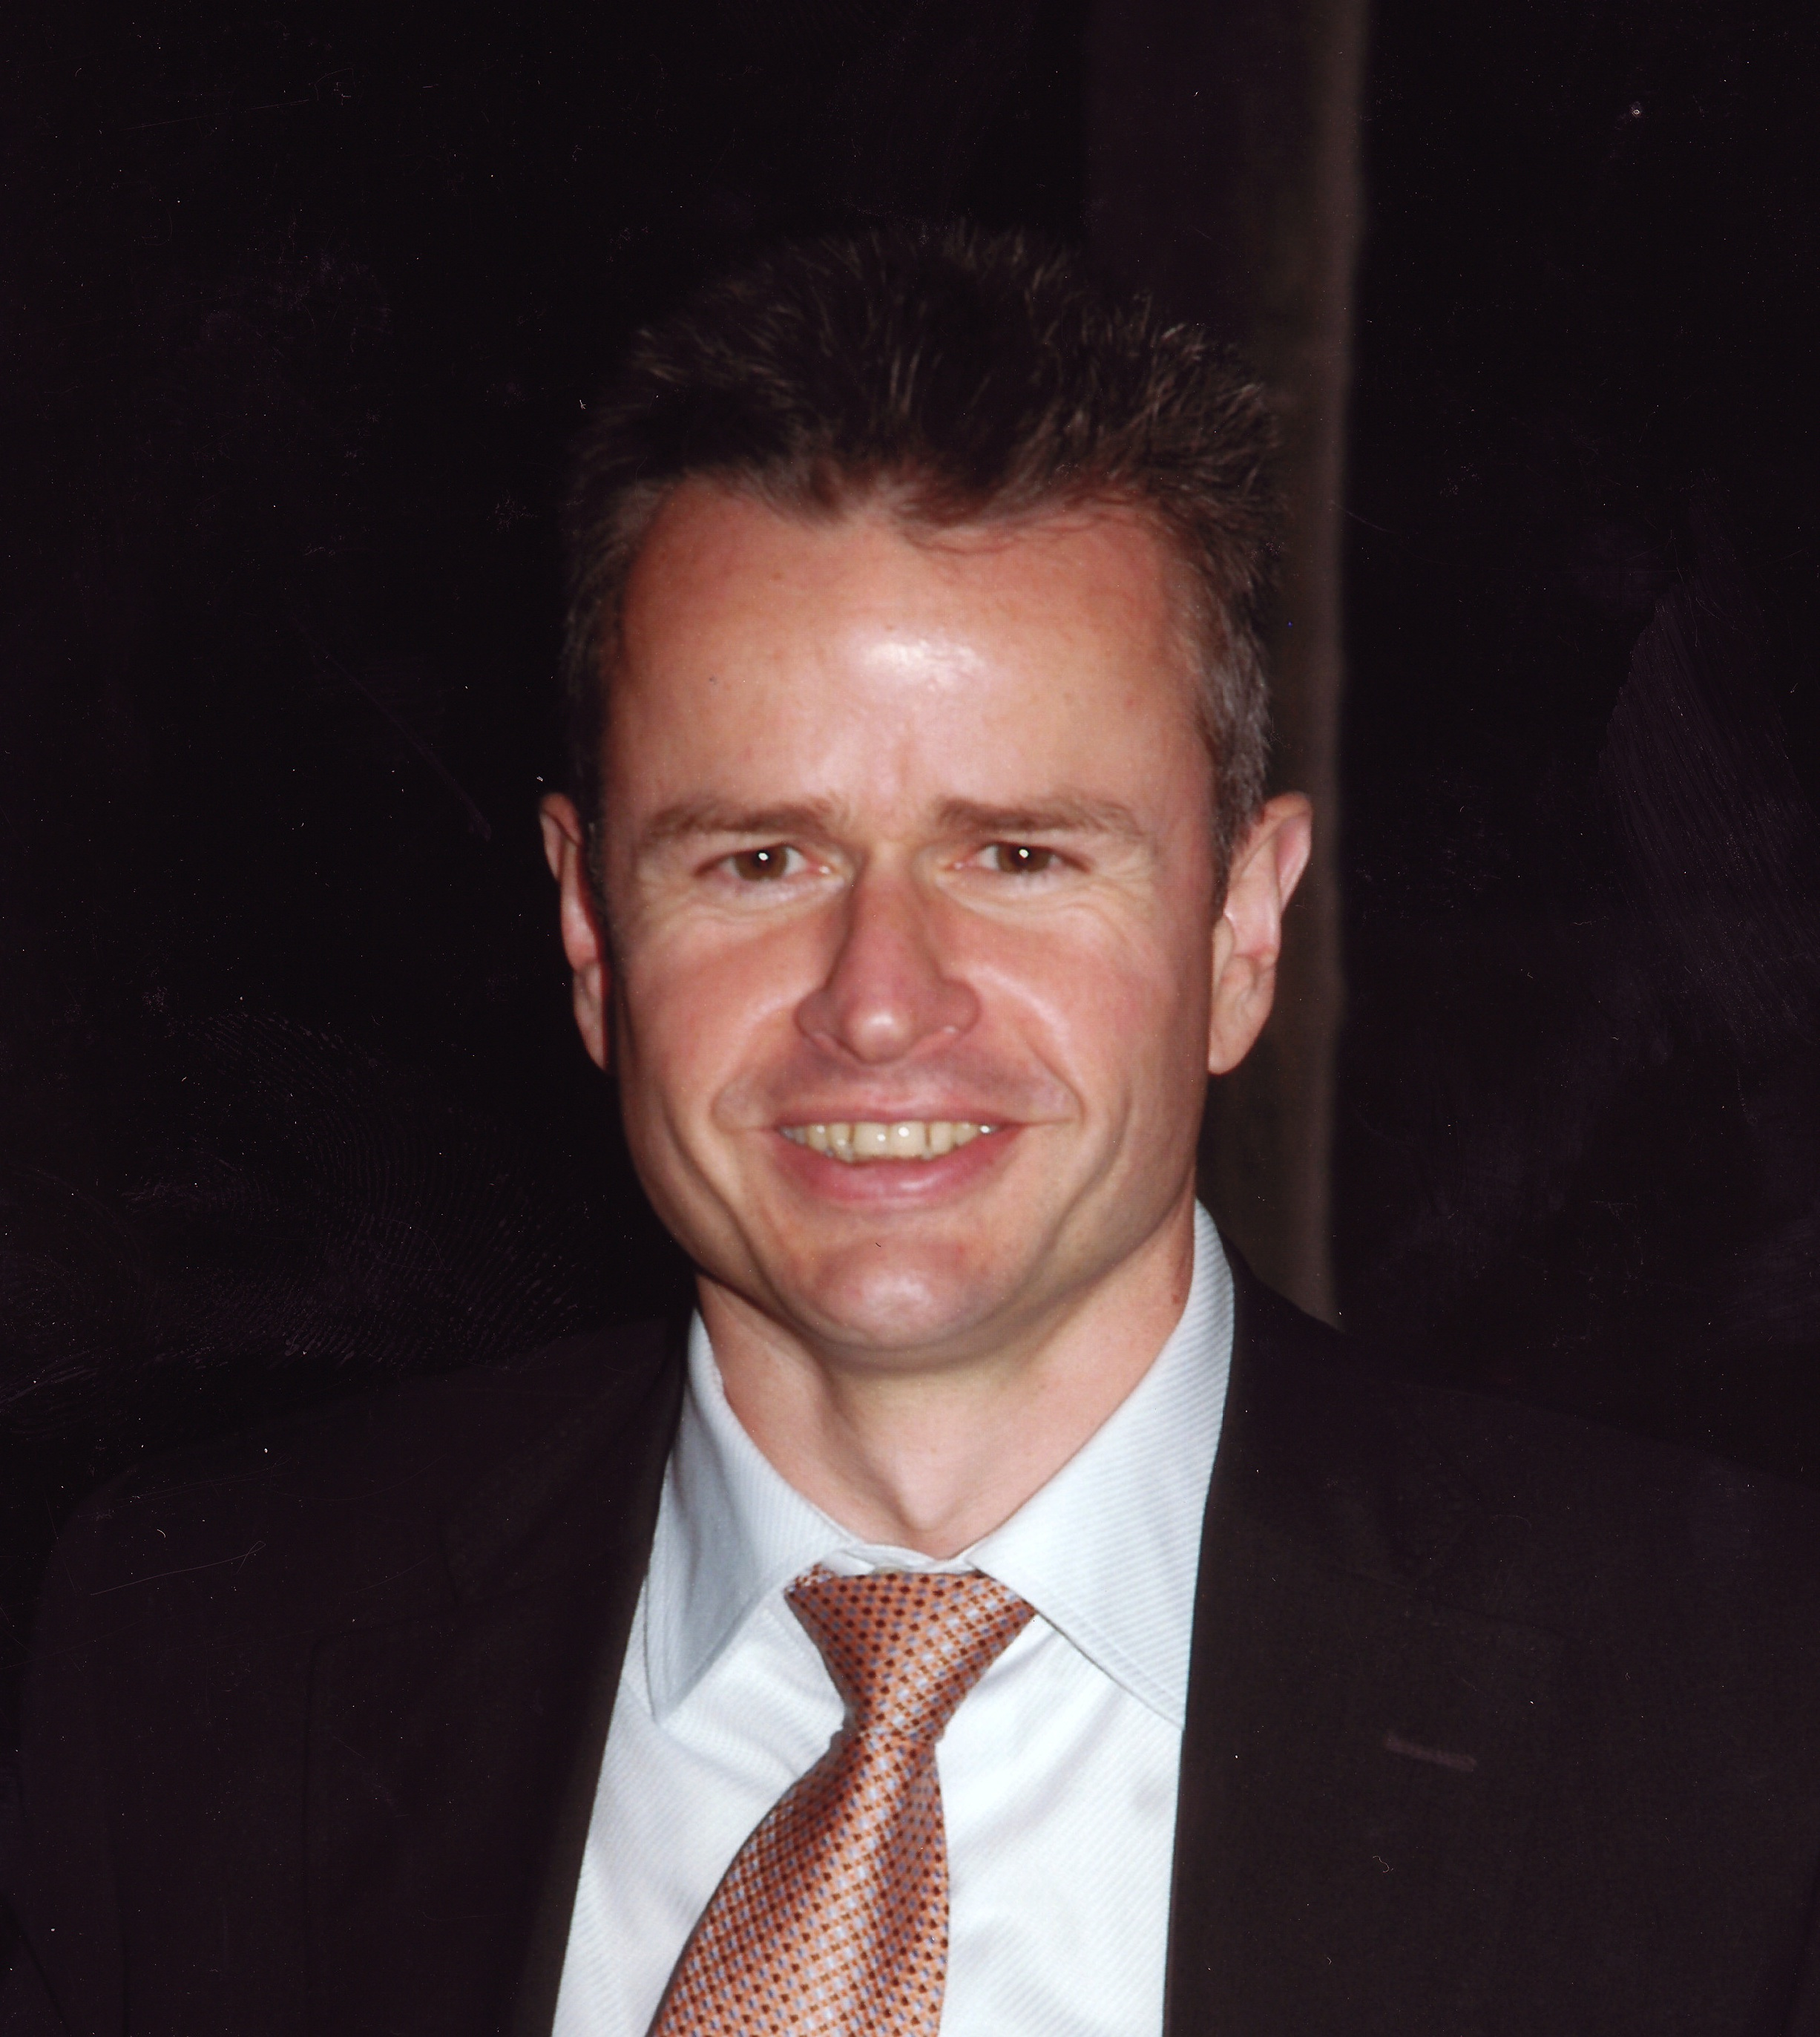 Dirk Jungnickel